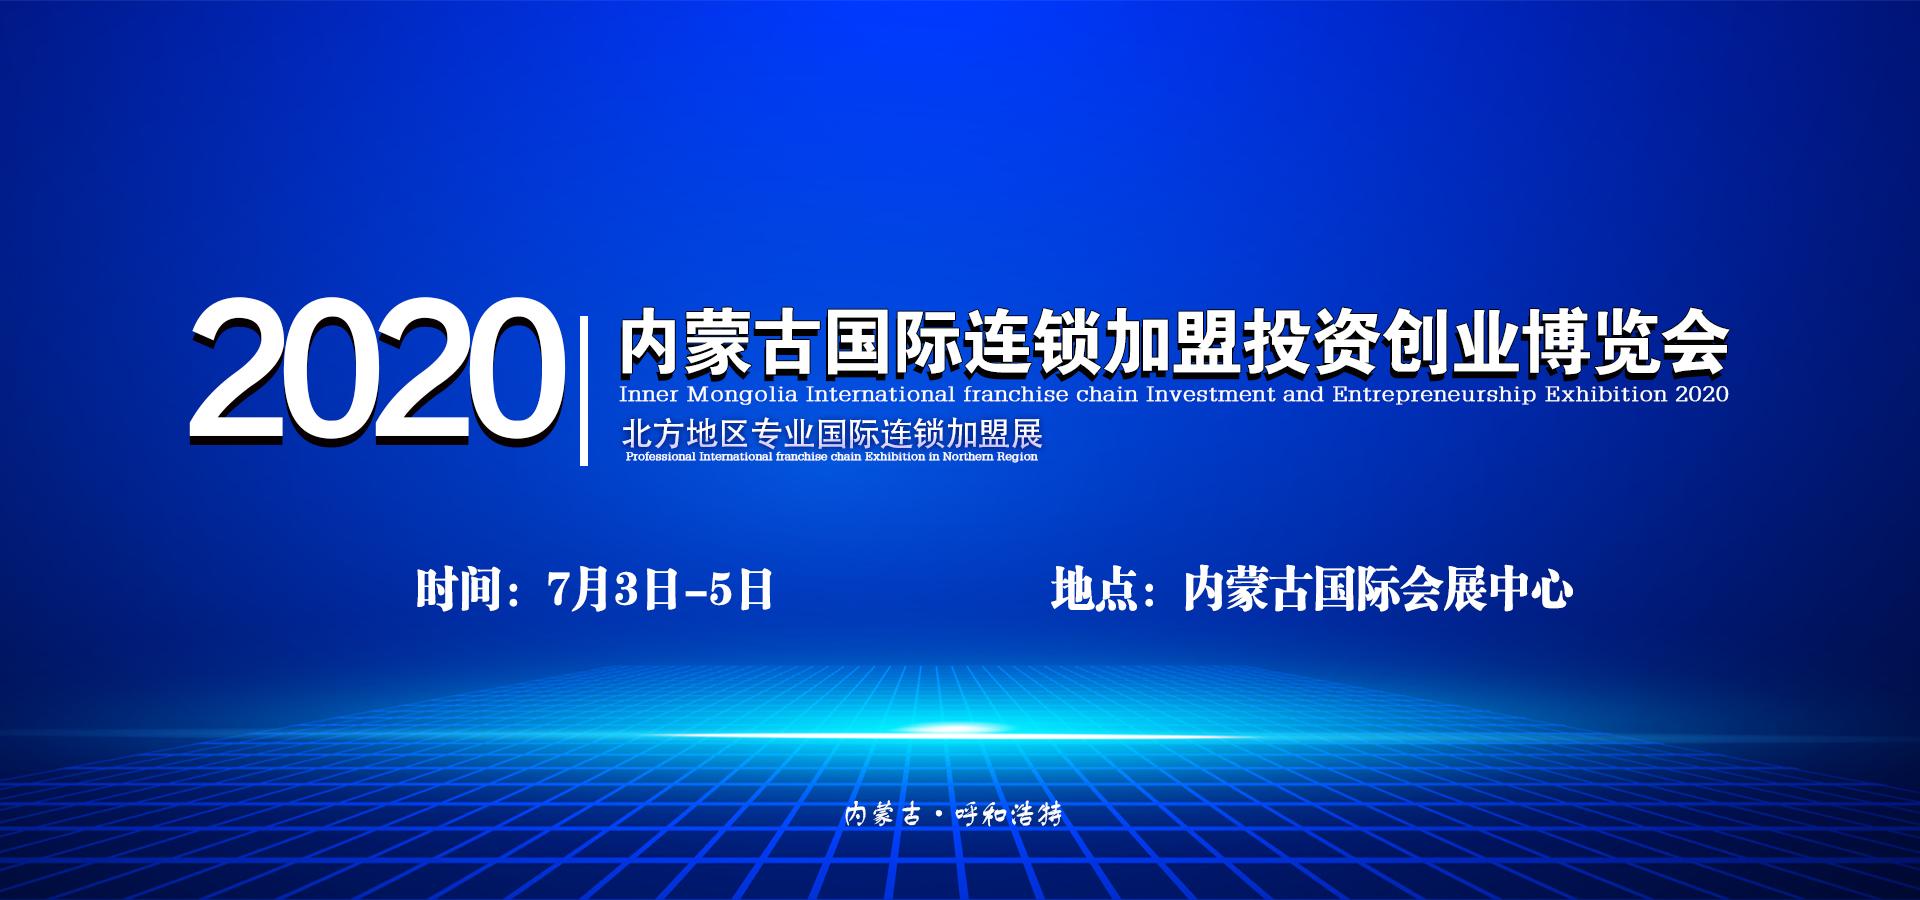 内蒙古连锁加盟展会